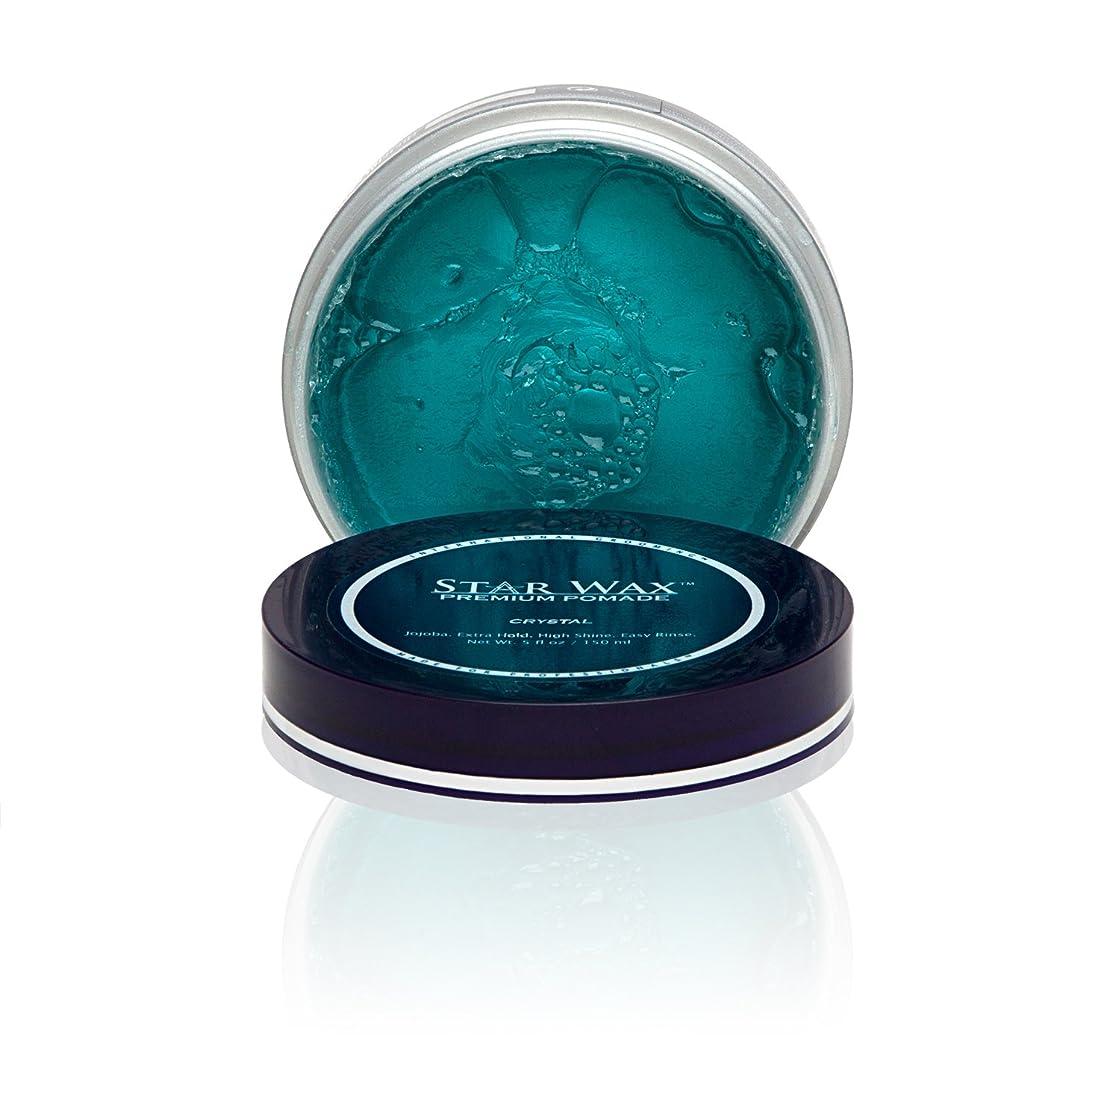 参加する凍る不足Star Wax | Premium Pomade, Crystal(スターワックスプレミアム ポマード「クリスタル」)?Star Pro Line(スタープロライン)製?5(液量)オンス/150ml